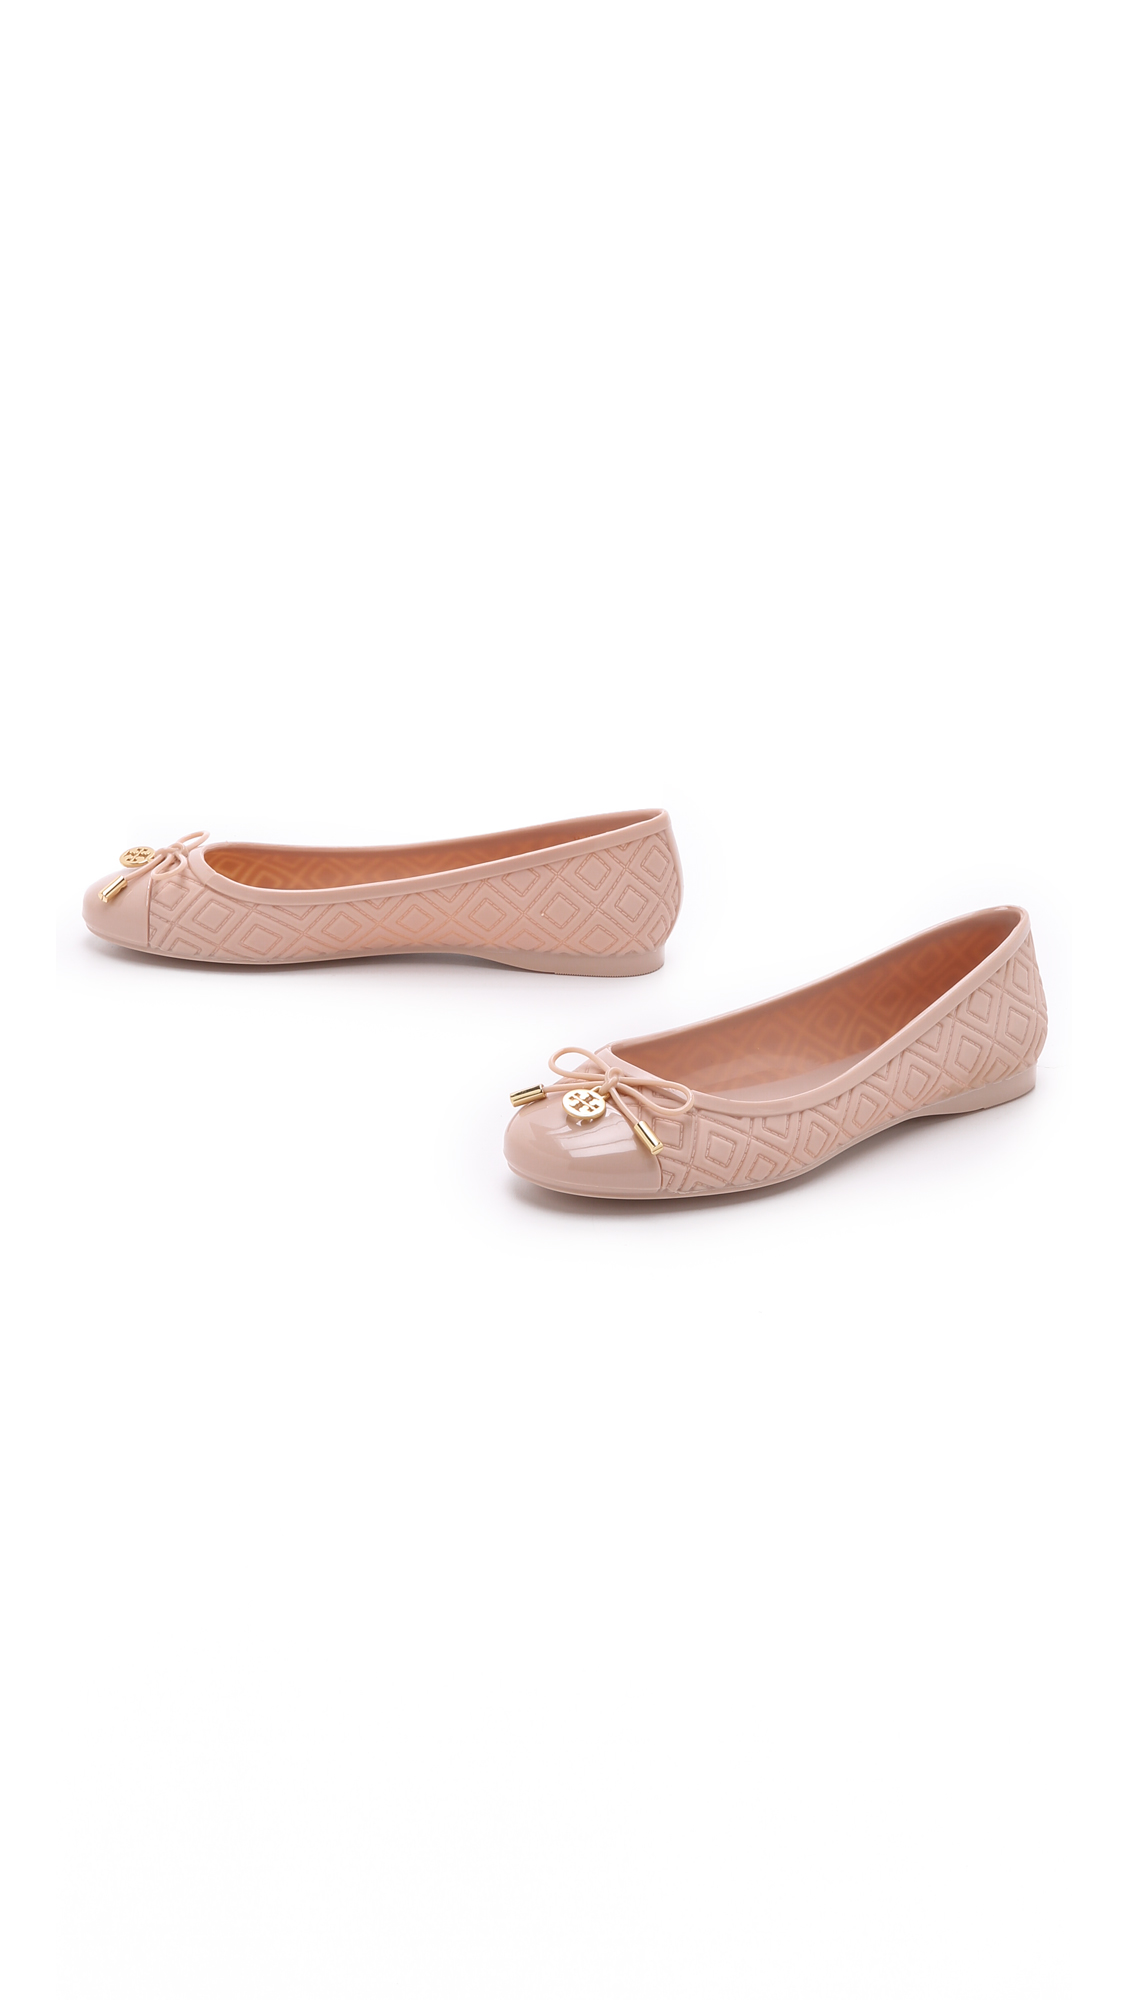 2642378334a599 Tory Burch Jelly Ballet Flats